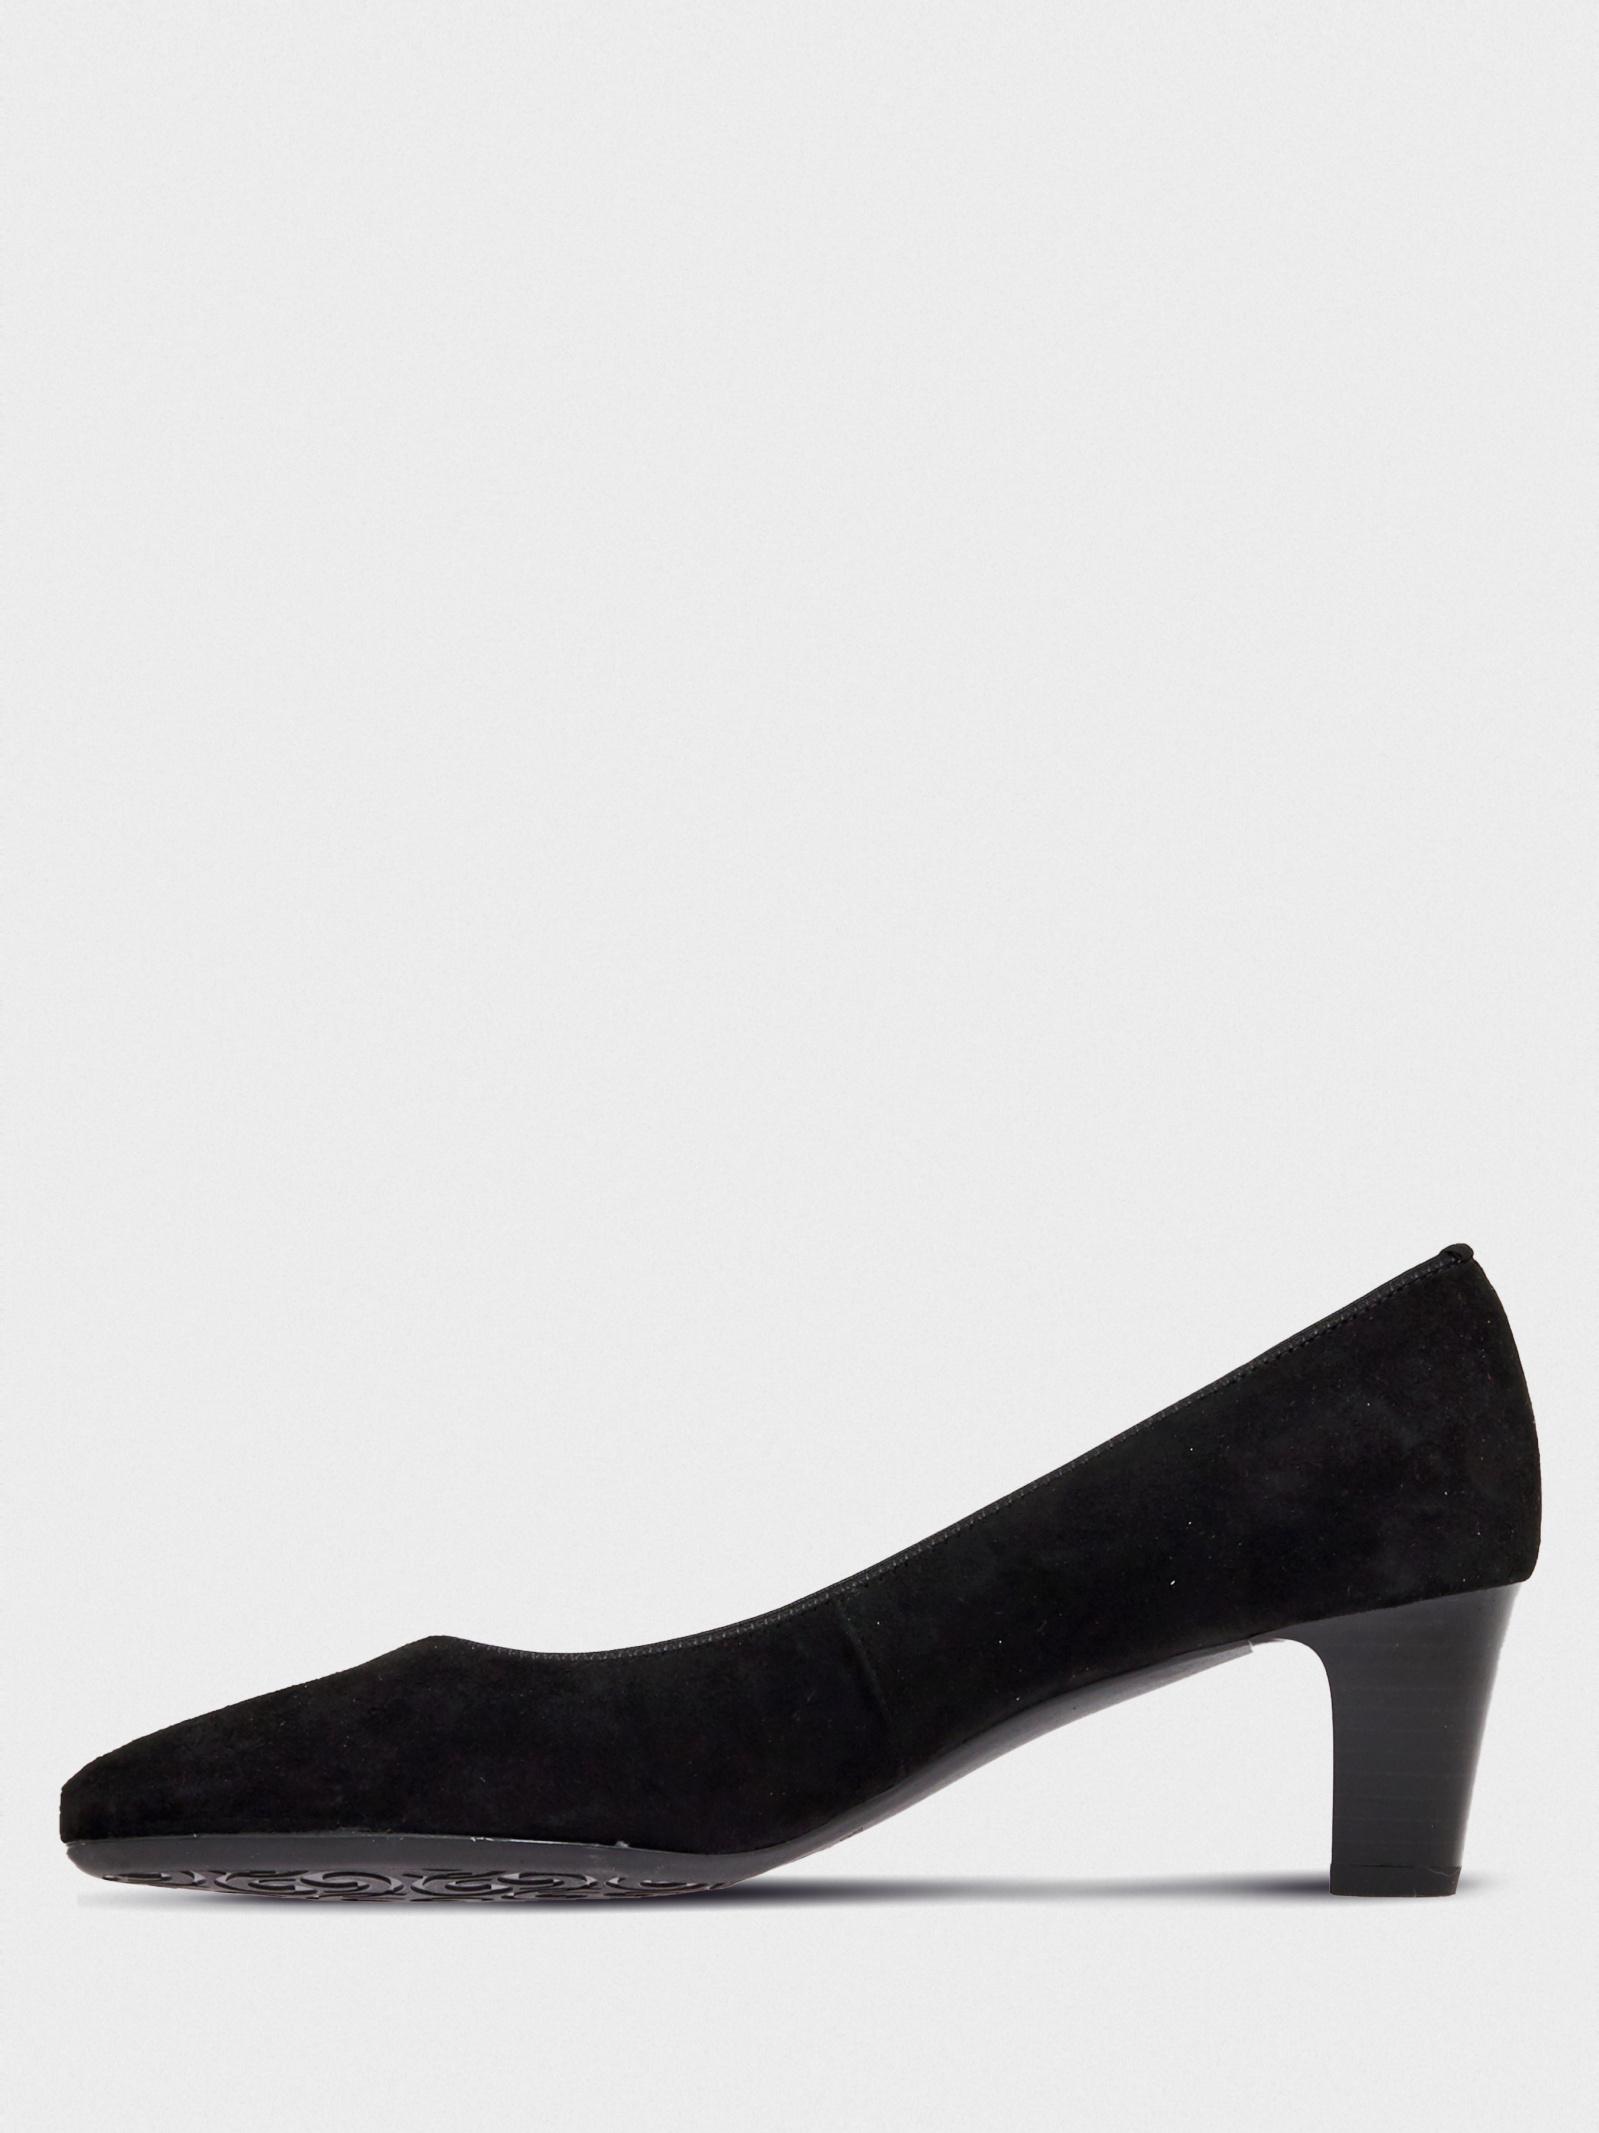 Туфлі  жіночі Salamander 32-33420-81 вартість, 2017